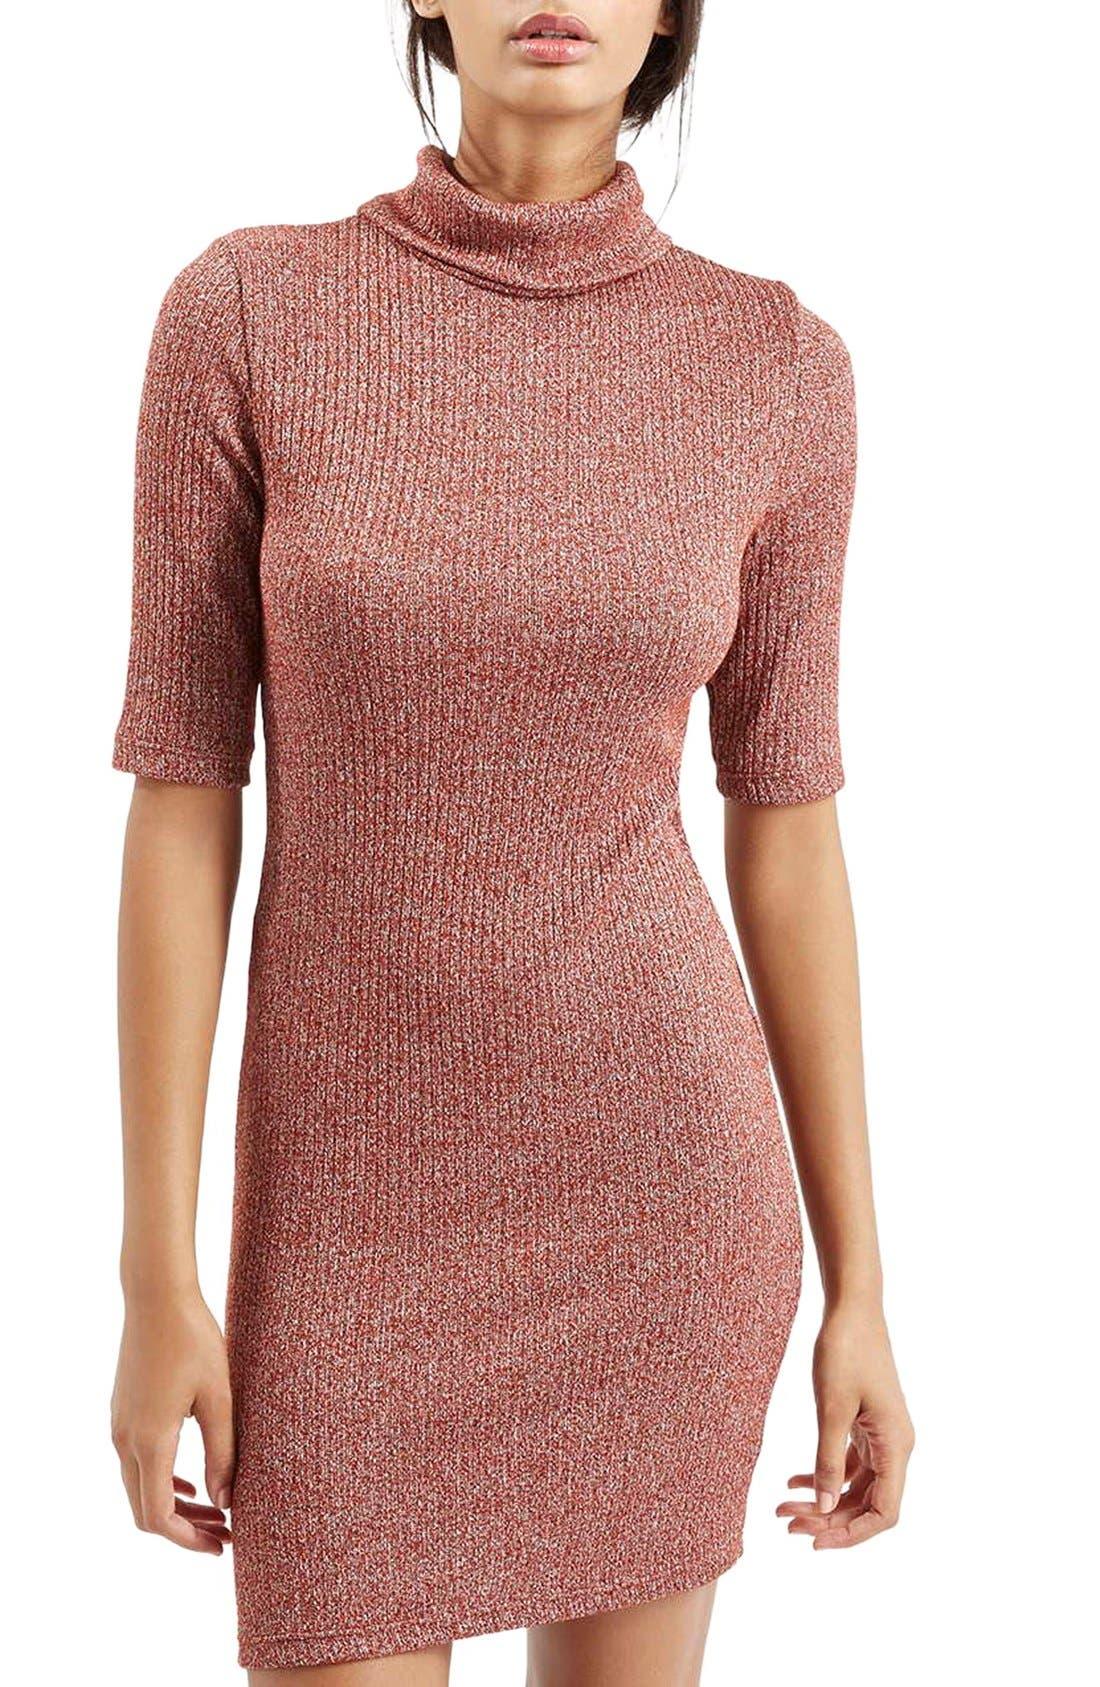 Alternate Image 1 Selected - Topshop Ribbed Turtleneck Dress